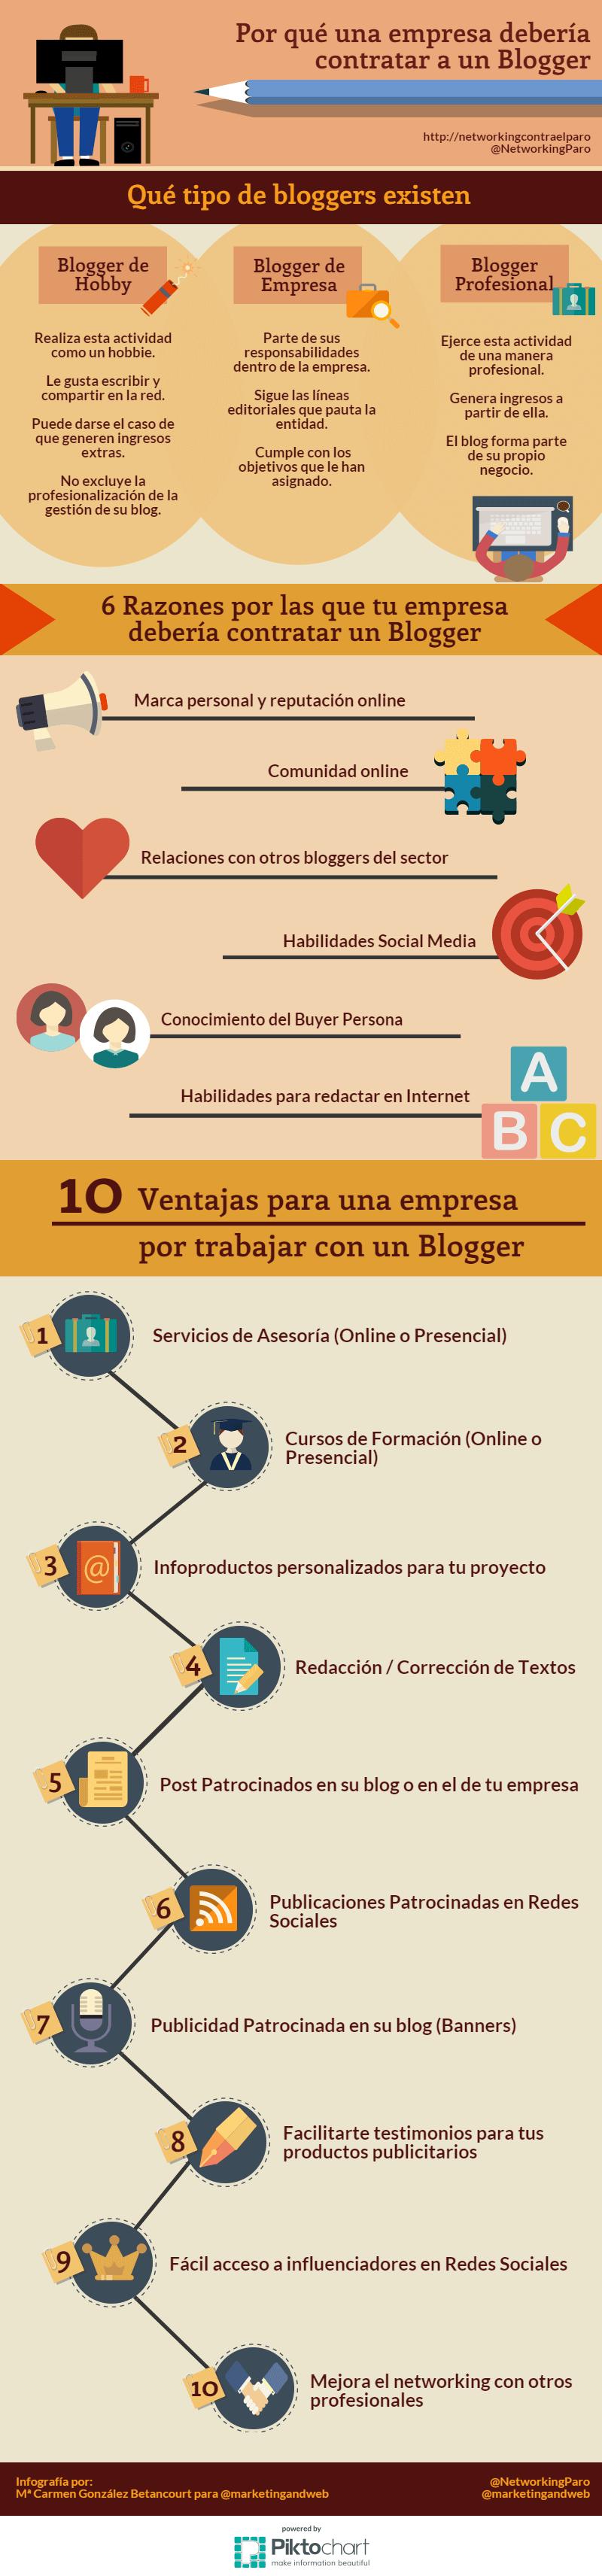 la-importancia-del-blogger-en-las-empresas